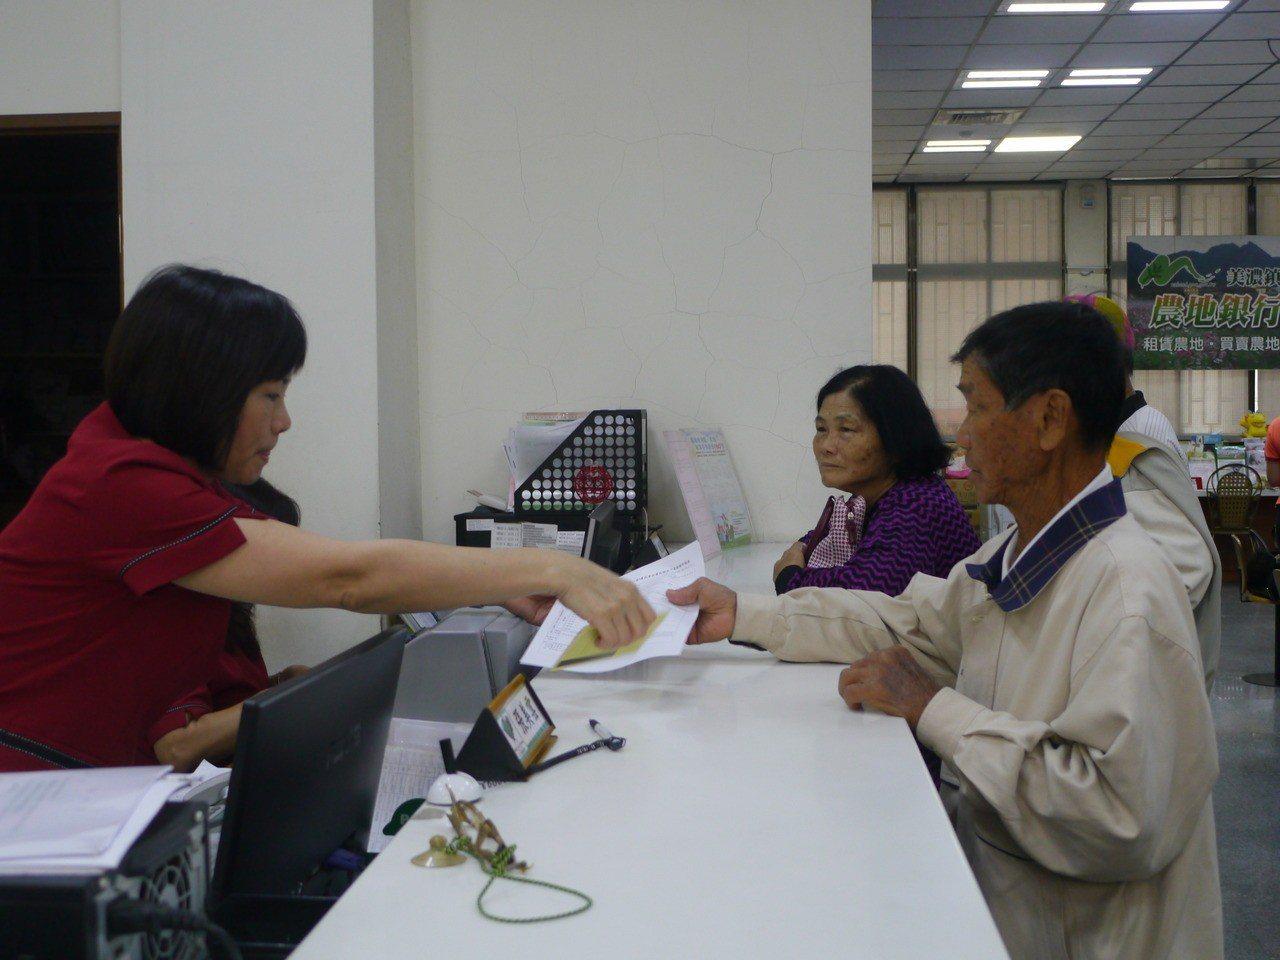 農民職災保險11月1日開辦,美濃農會櫃台湧現投保人潮。記者徐白櫻/攝影